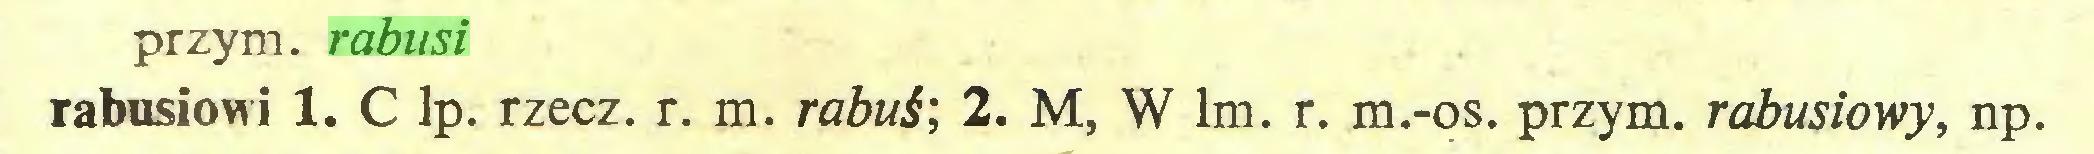 (...) przym. rabusi rabusiowi 1. C lp. rzecz. r. m. rabuś; 2. M, W lm. r. m.-os. przym. rabusiowy, np...